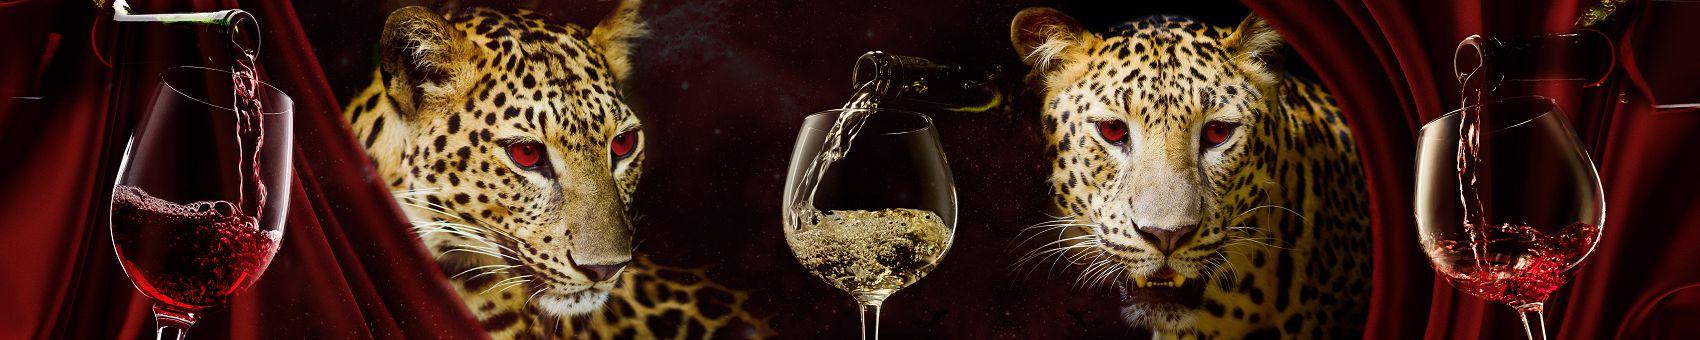 Леопард и вино